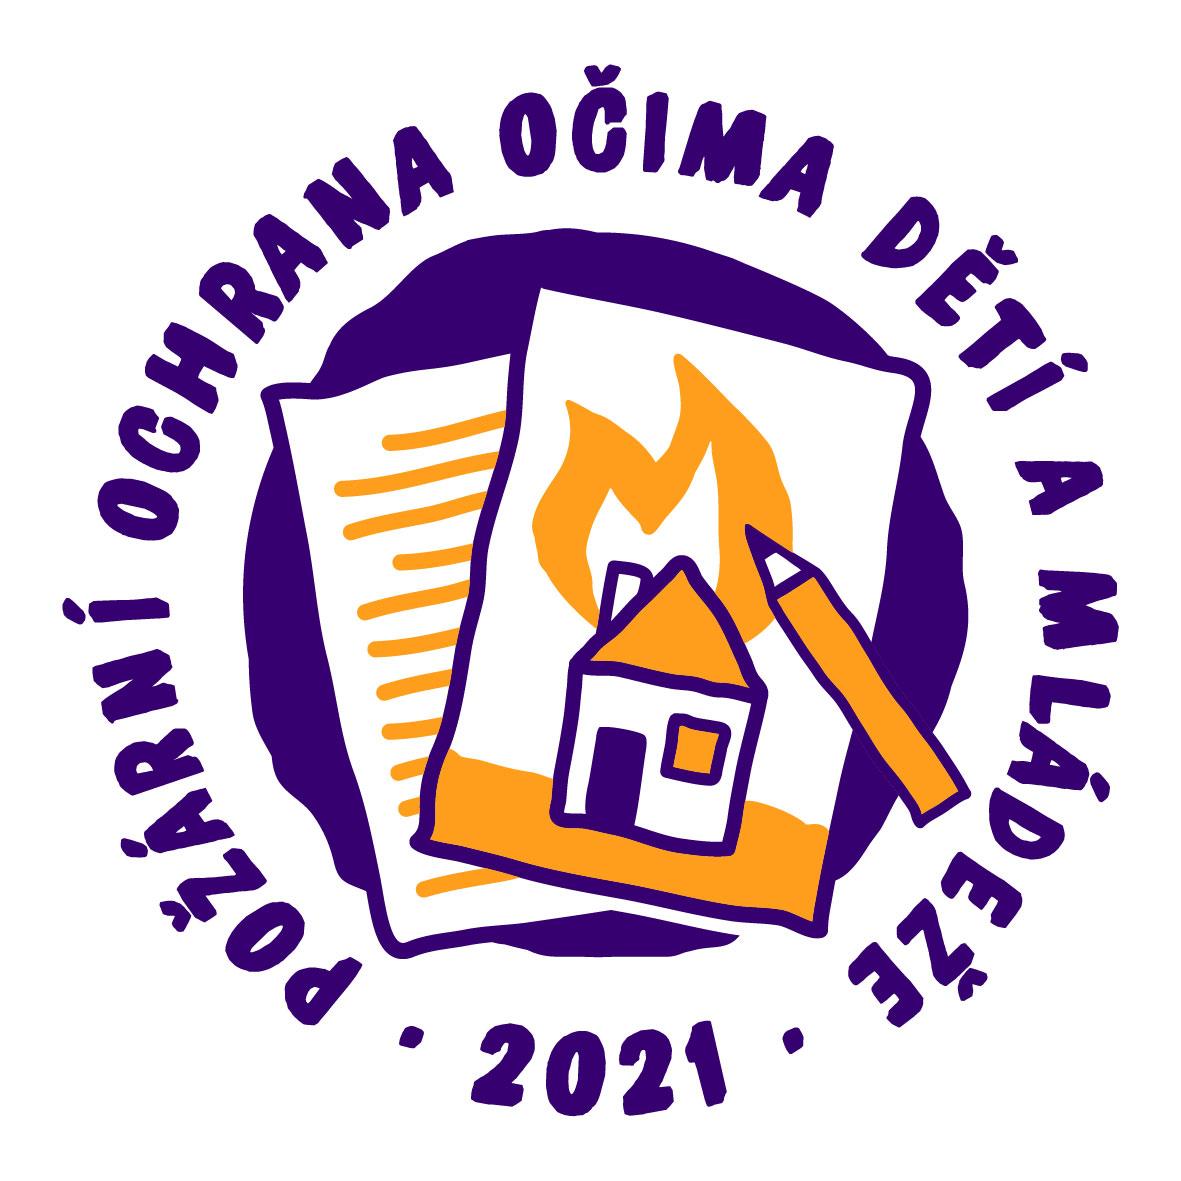 logo poodm 2021